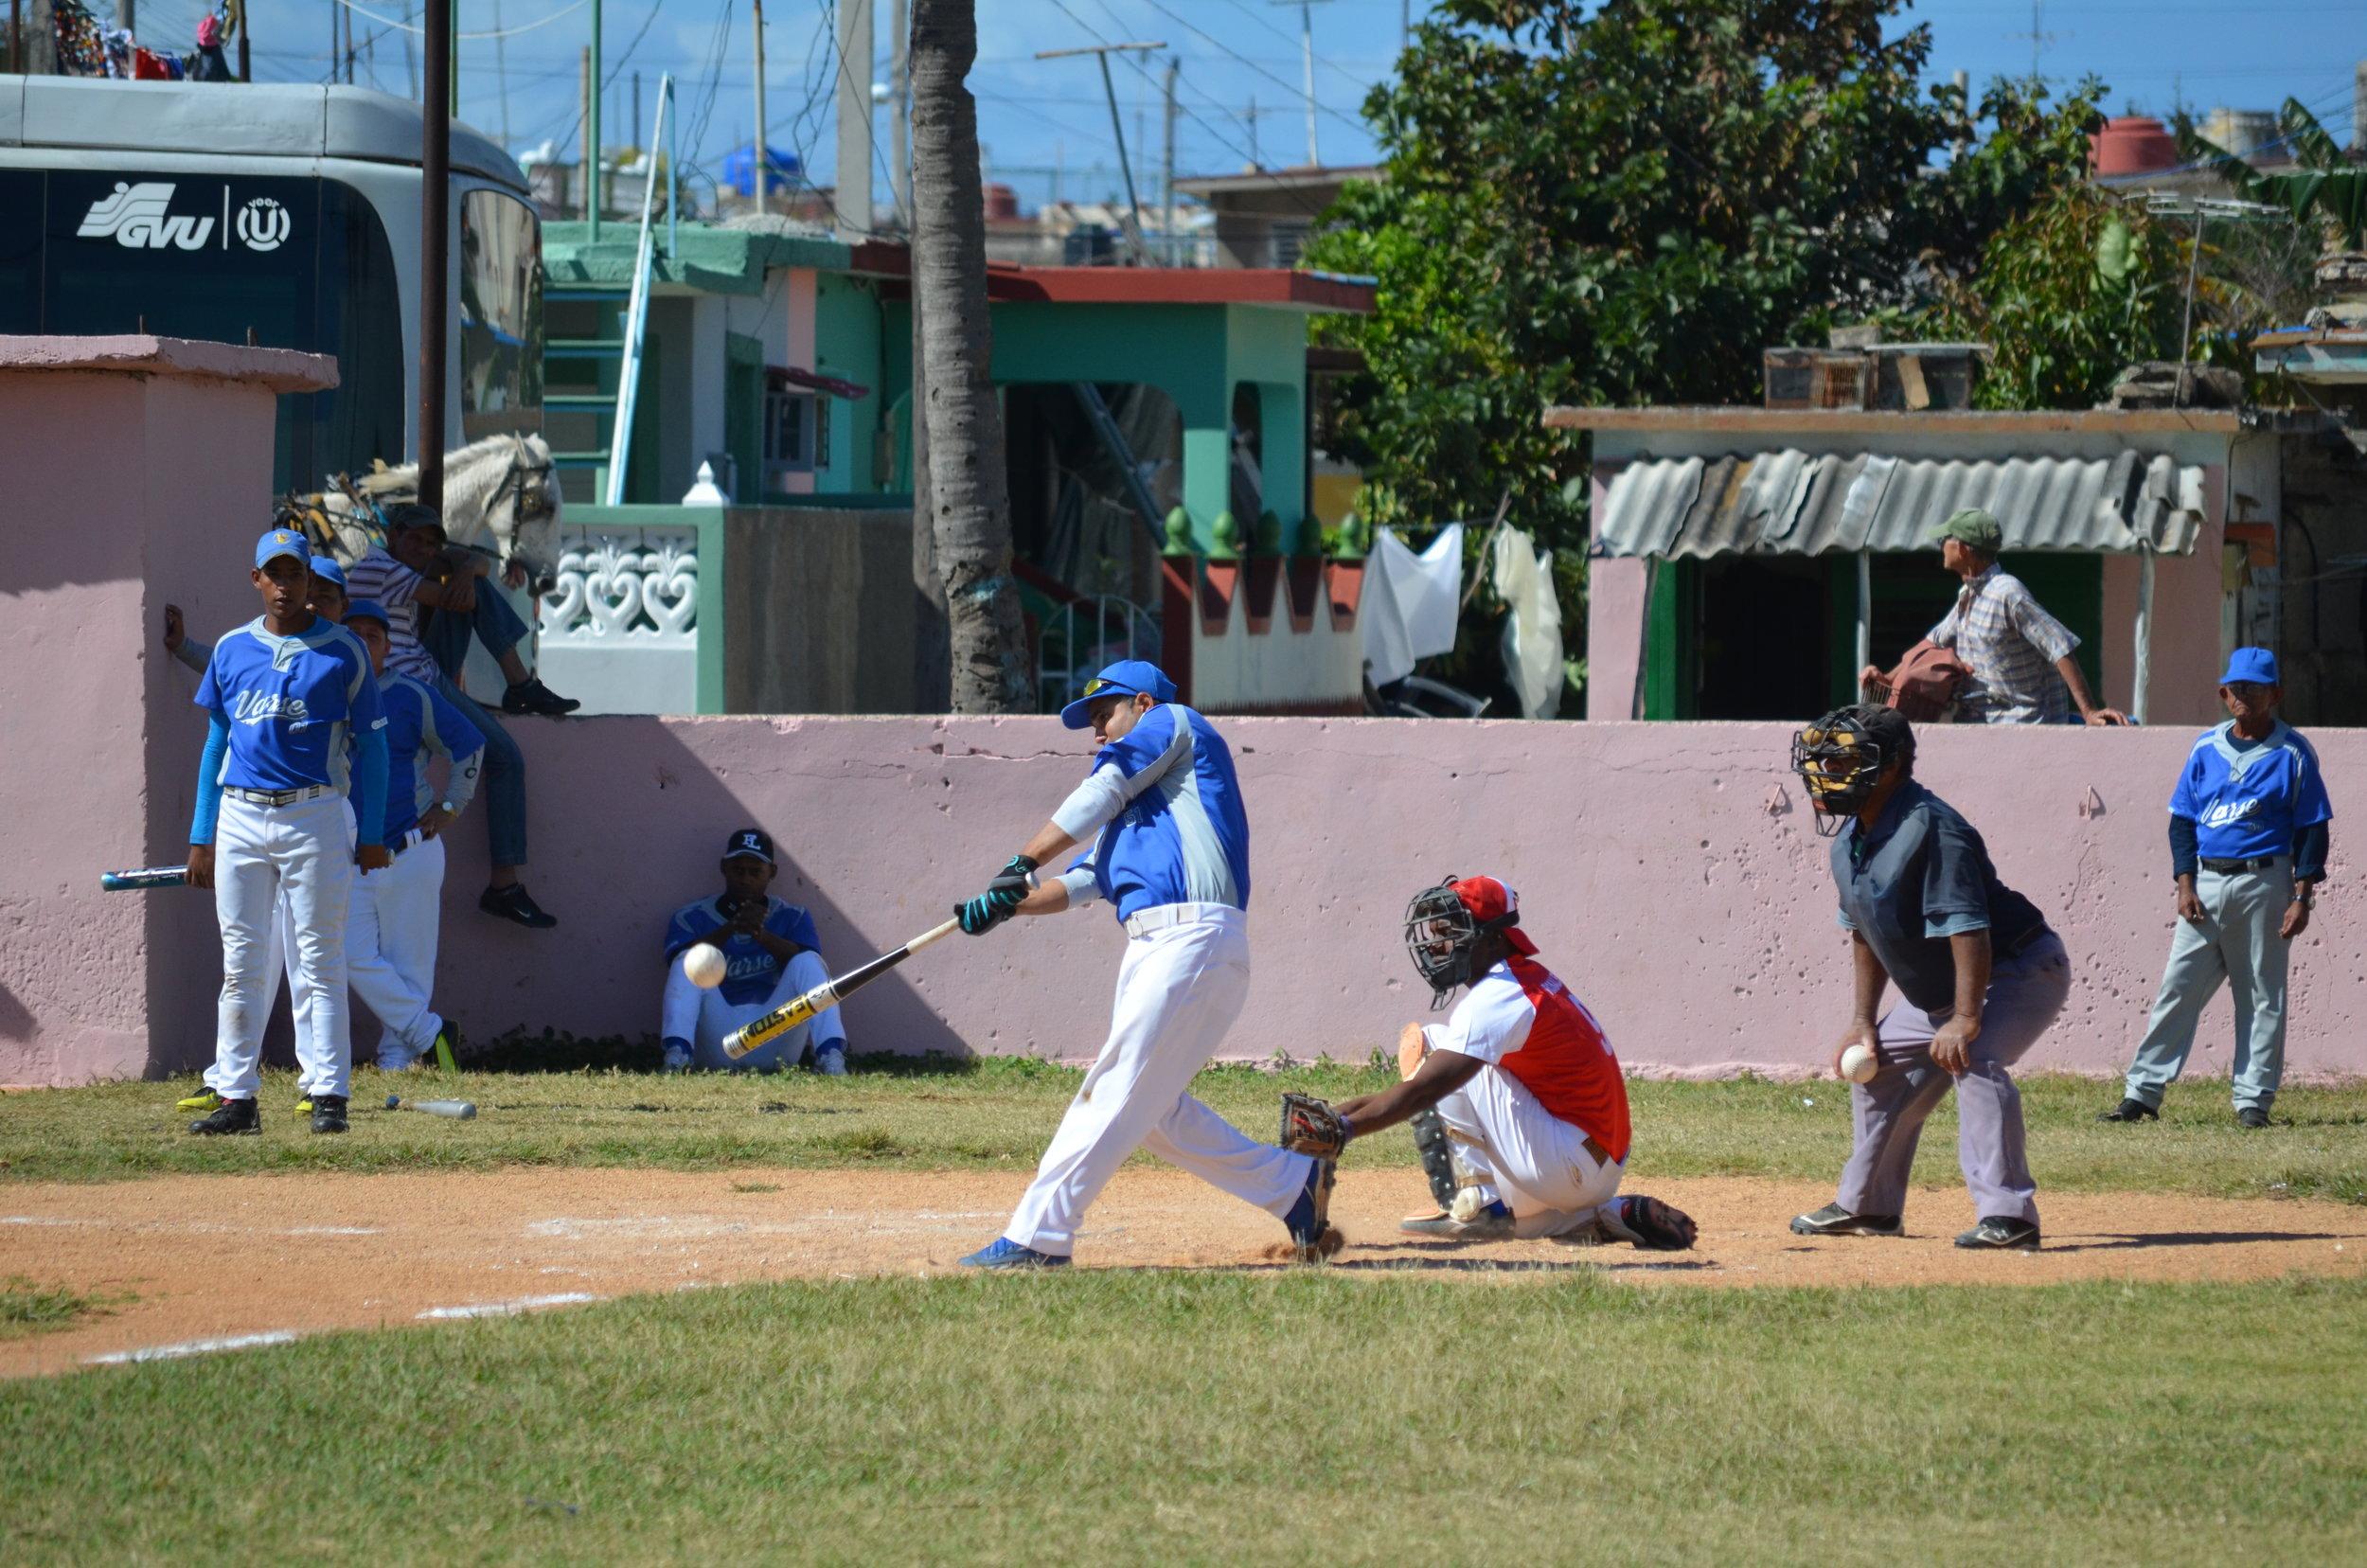 Cuba_0518.JPG